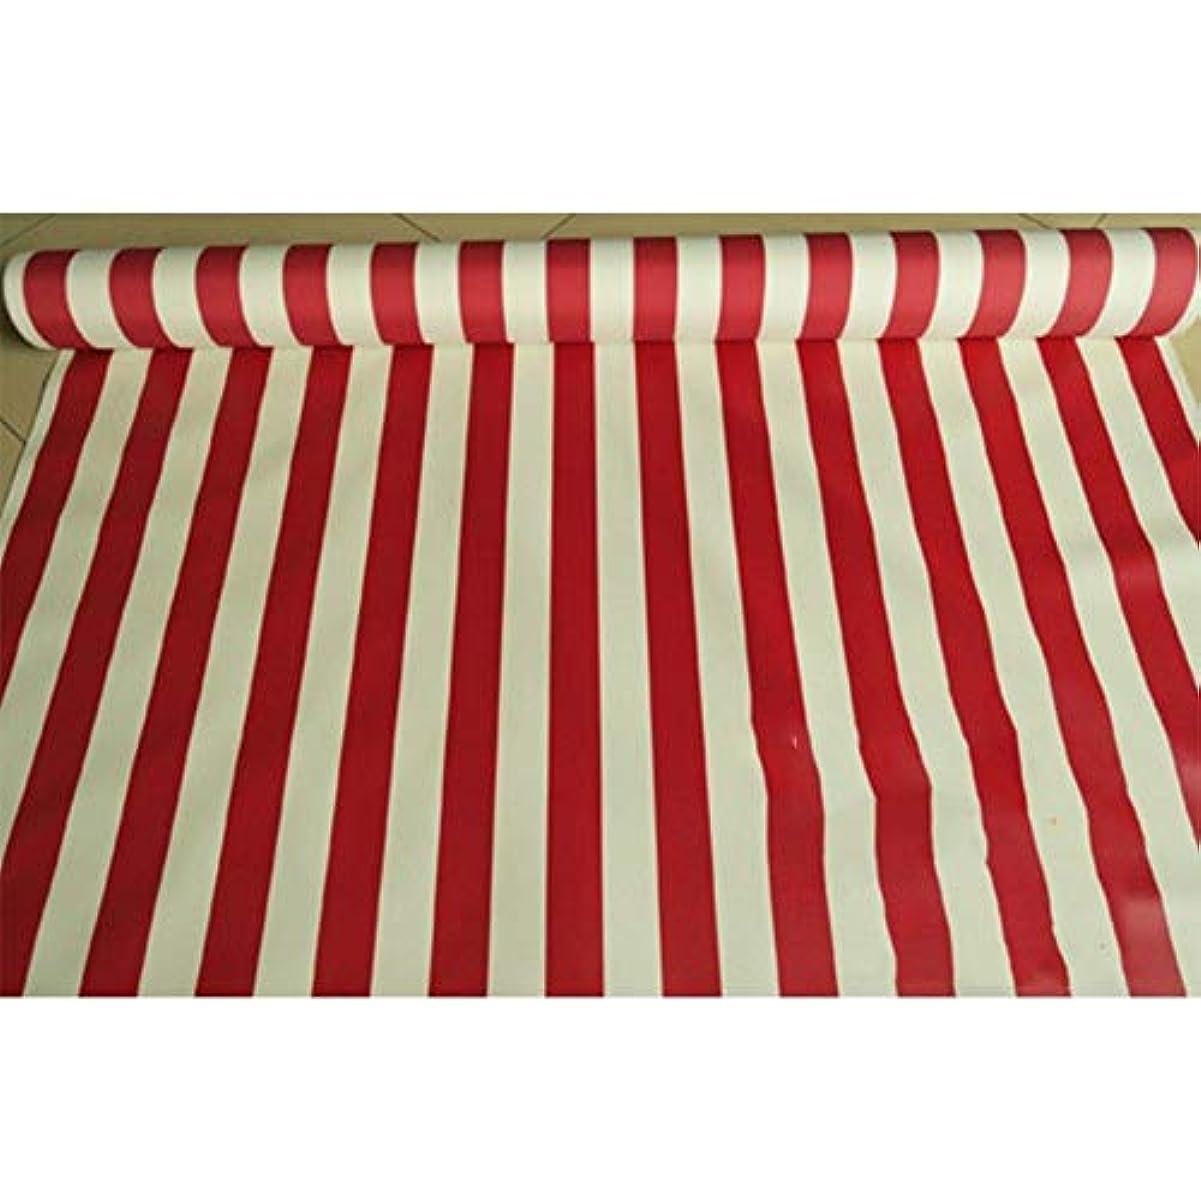 針挨拶するのぞき穴19-yiruculture 屋外テント屋外防水シート布スーパーライトカラーストリップ防水シートオーニングキャノピー防水オックスフォード布 (Color : B, サイズ : 4*7m)